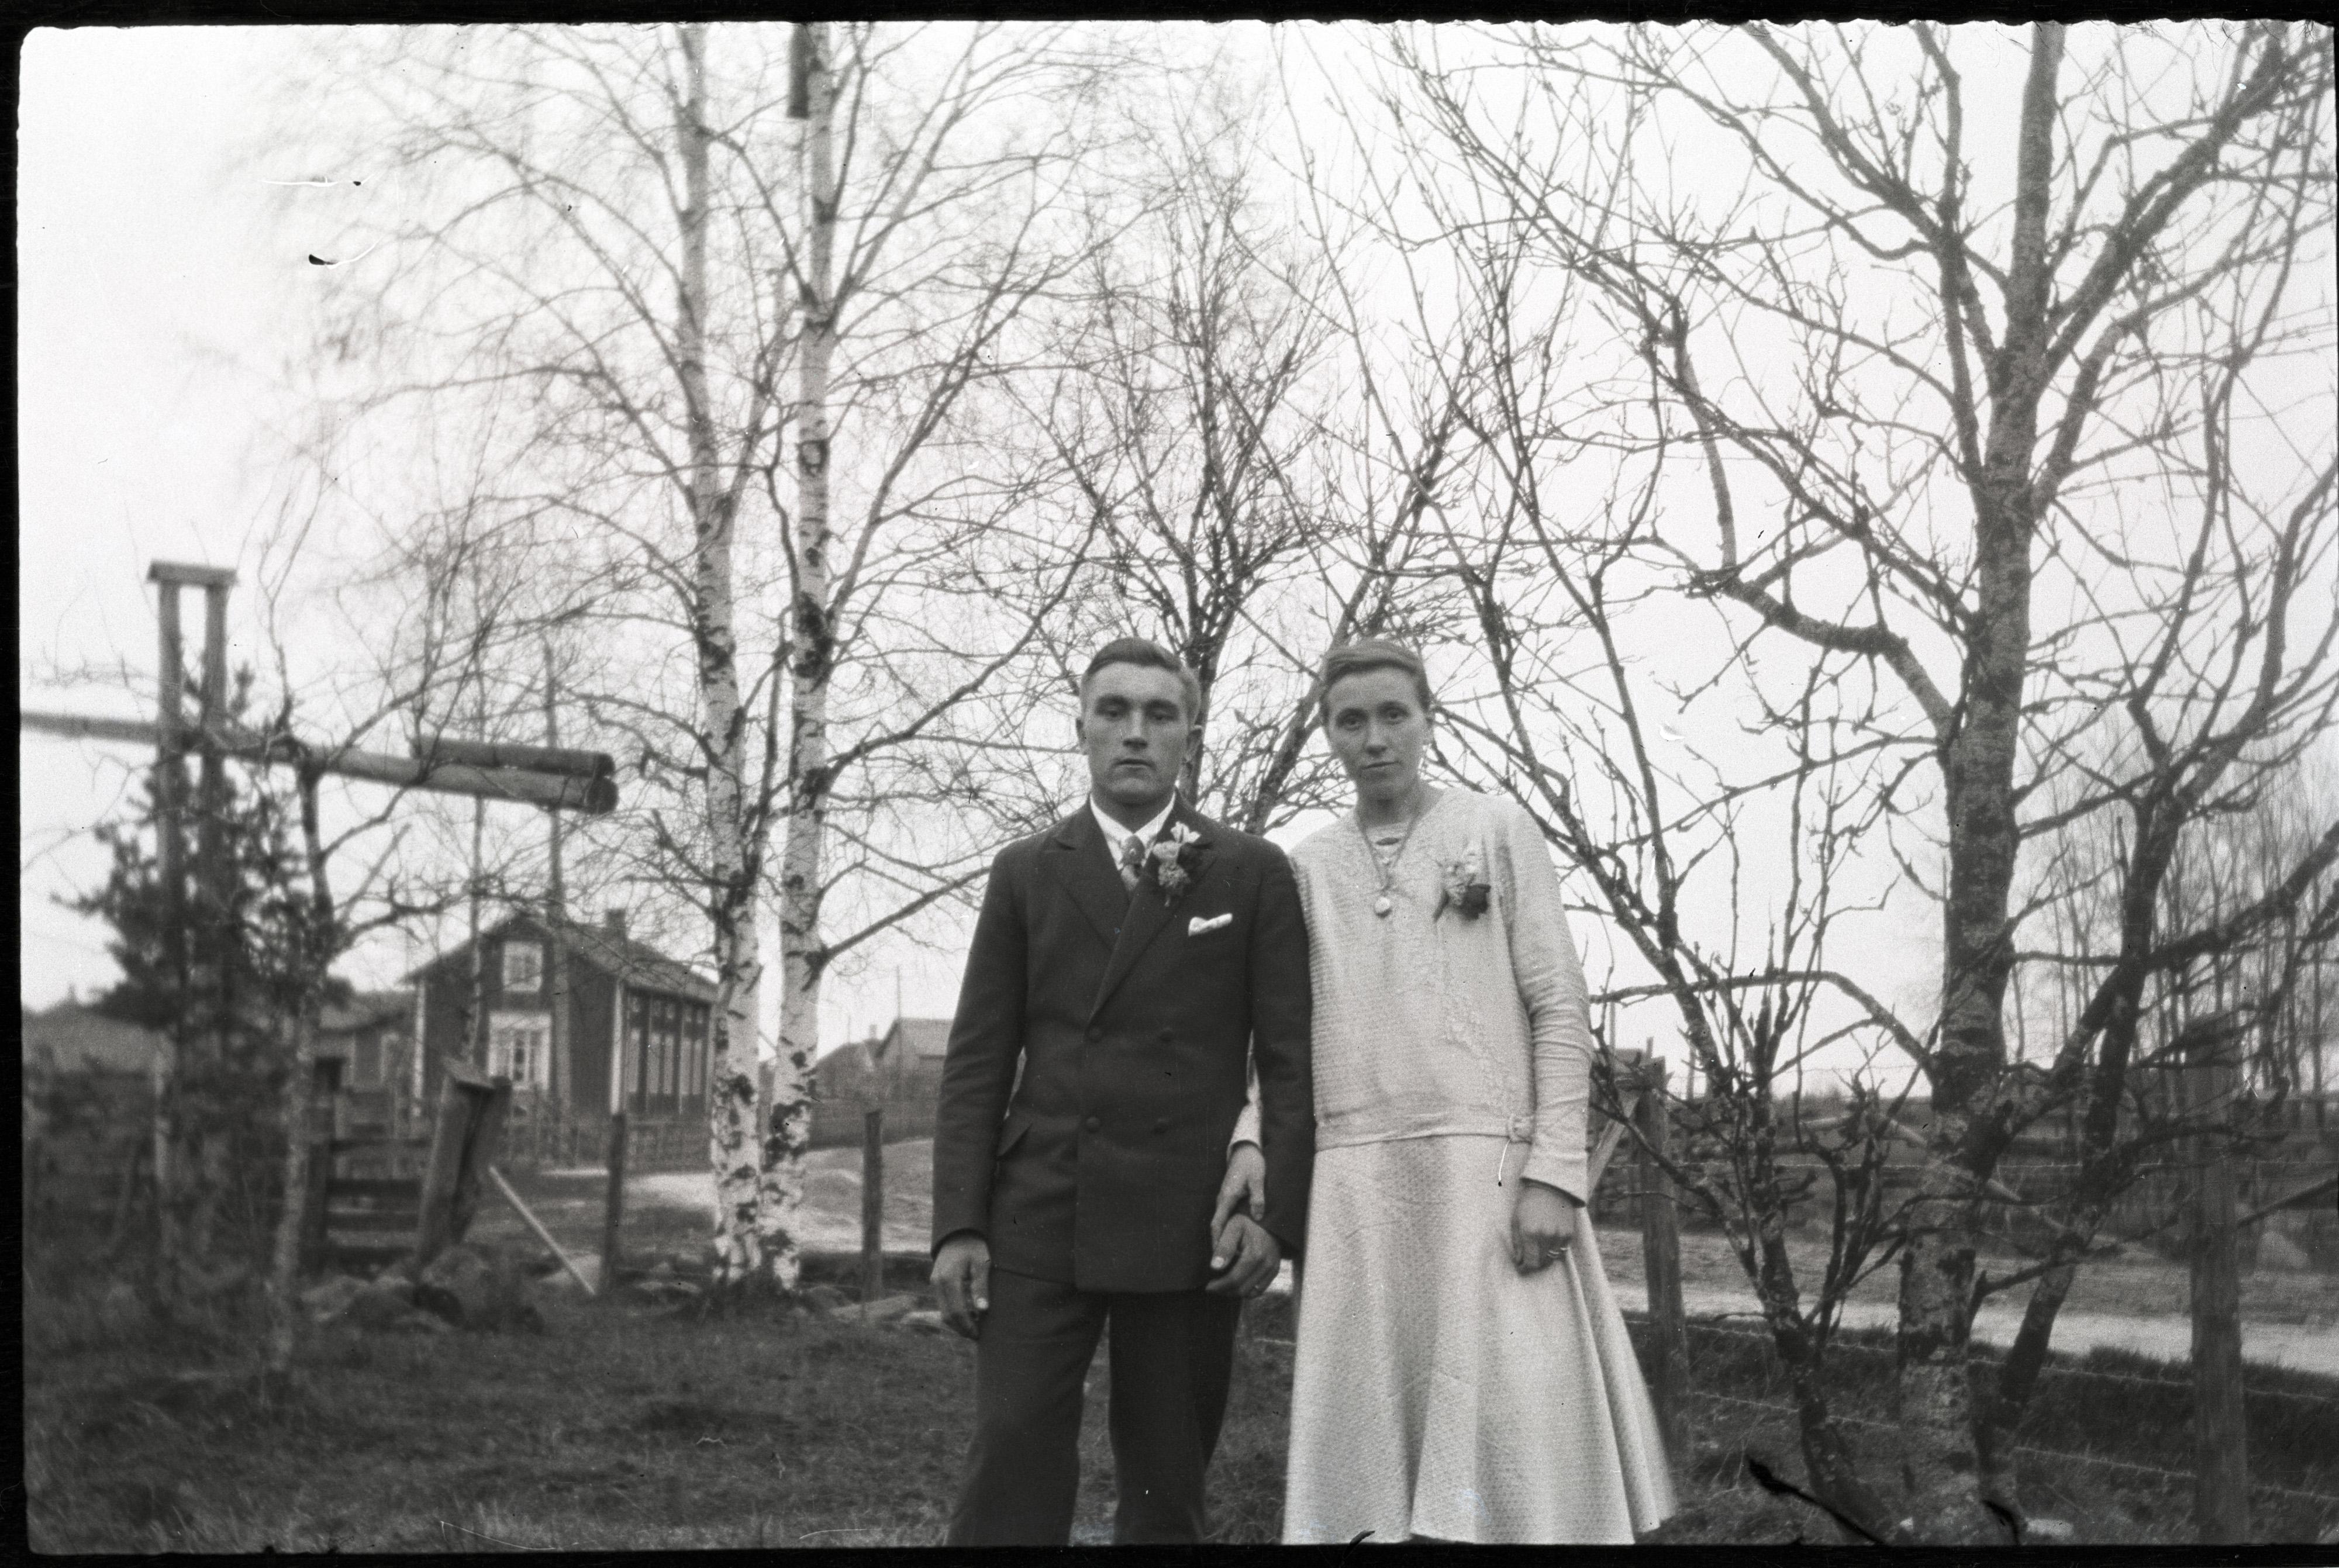 År 1929 gifte sig Valter Granér (1904-1937) från Härkmeri med Maria Ekman (1906-1985) från Lappfjärd i brudens hem hos Ekmans.